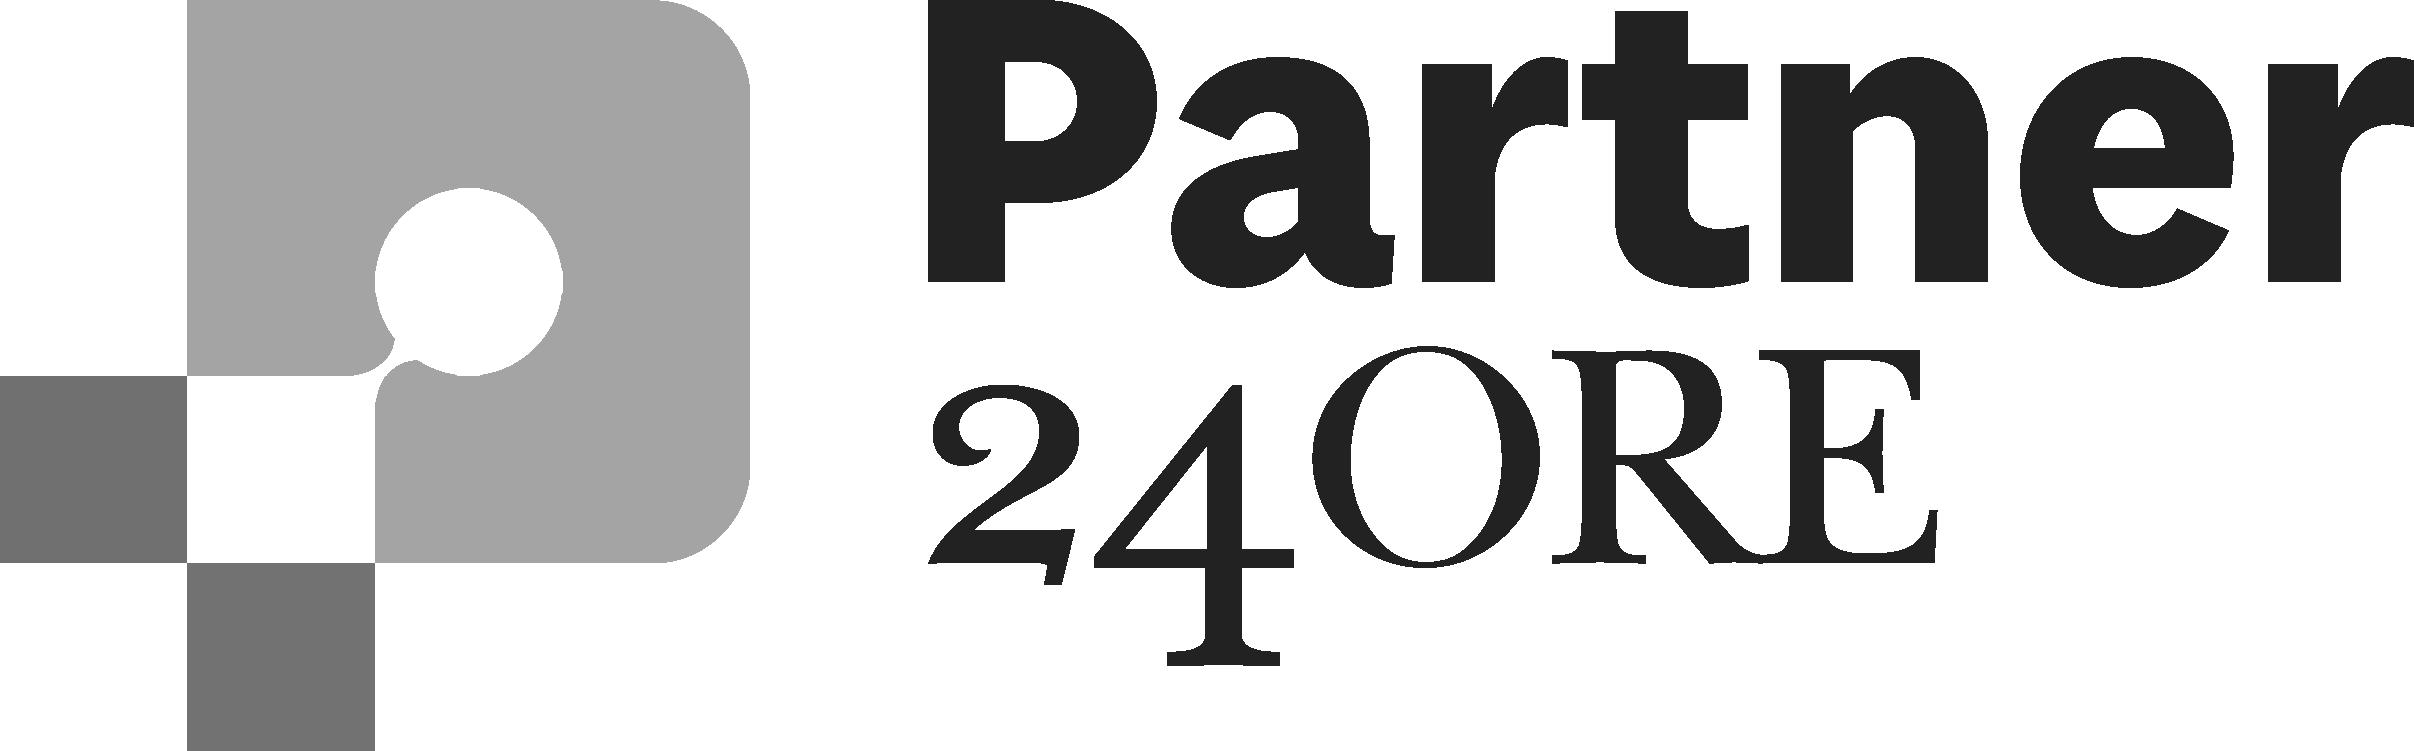 Partner24Ore_positivo_colore_grigio